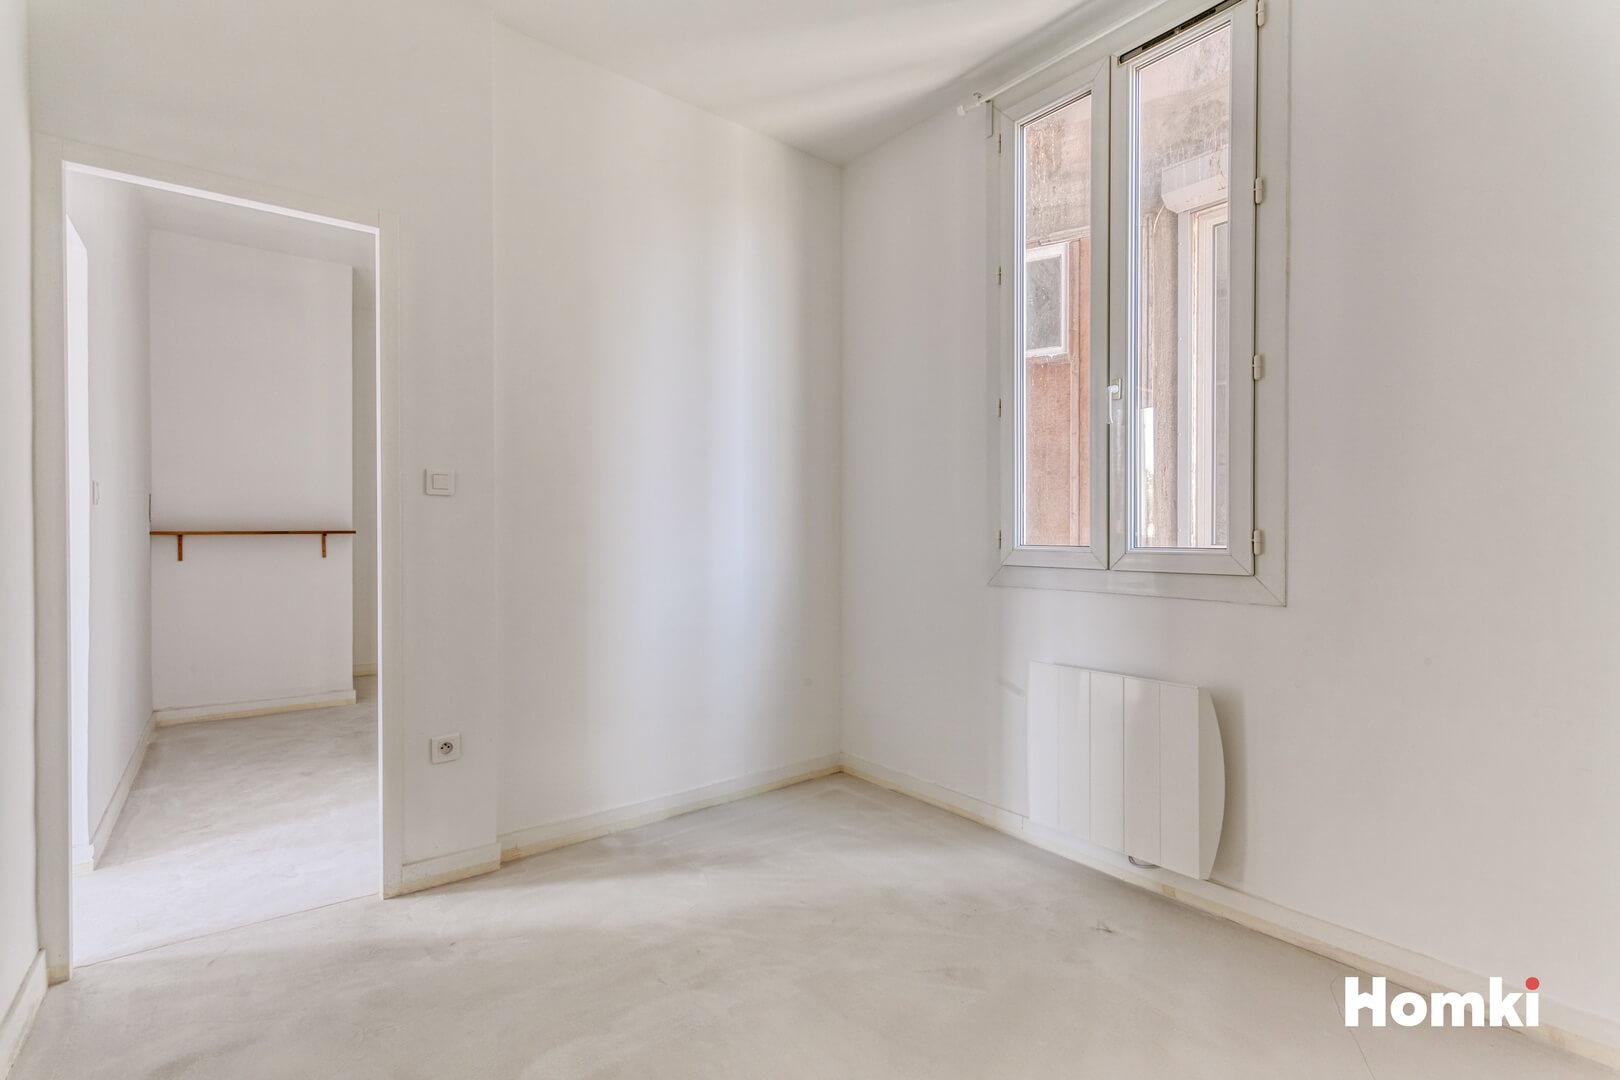 Homki - Vente Appartement  de 42.0 m² à Marseille 13004